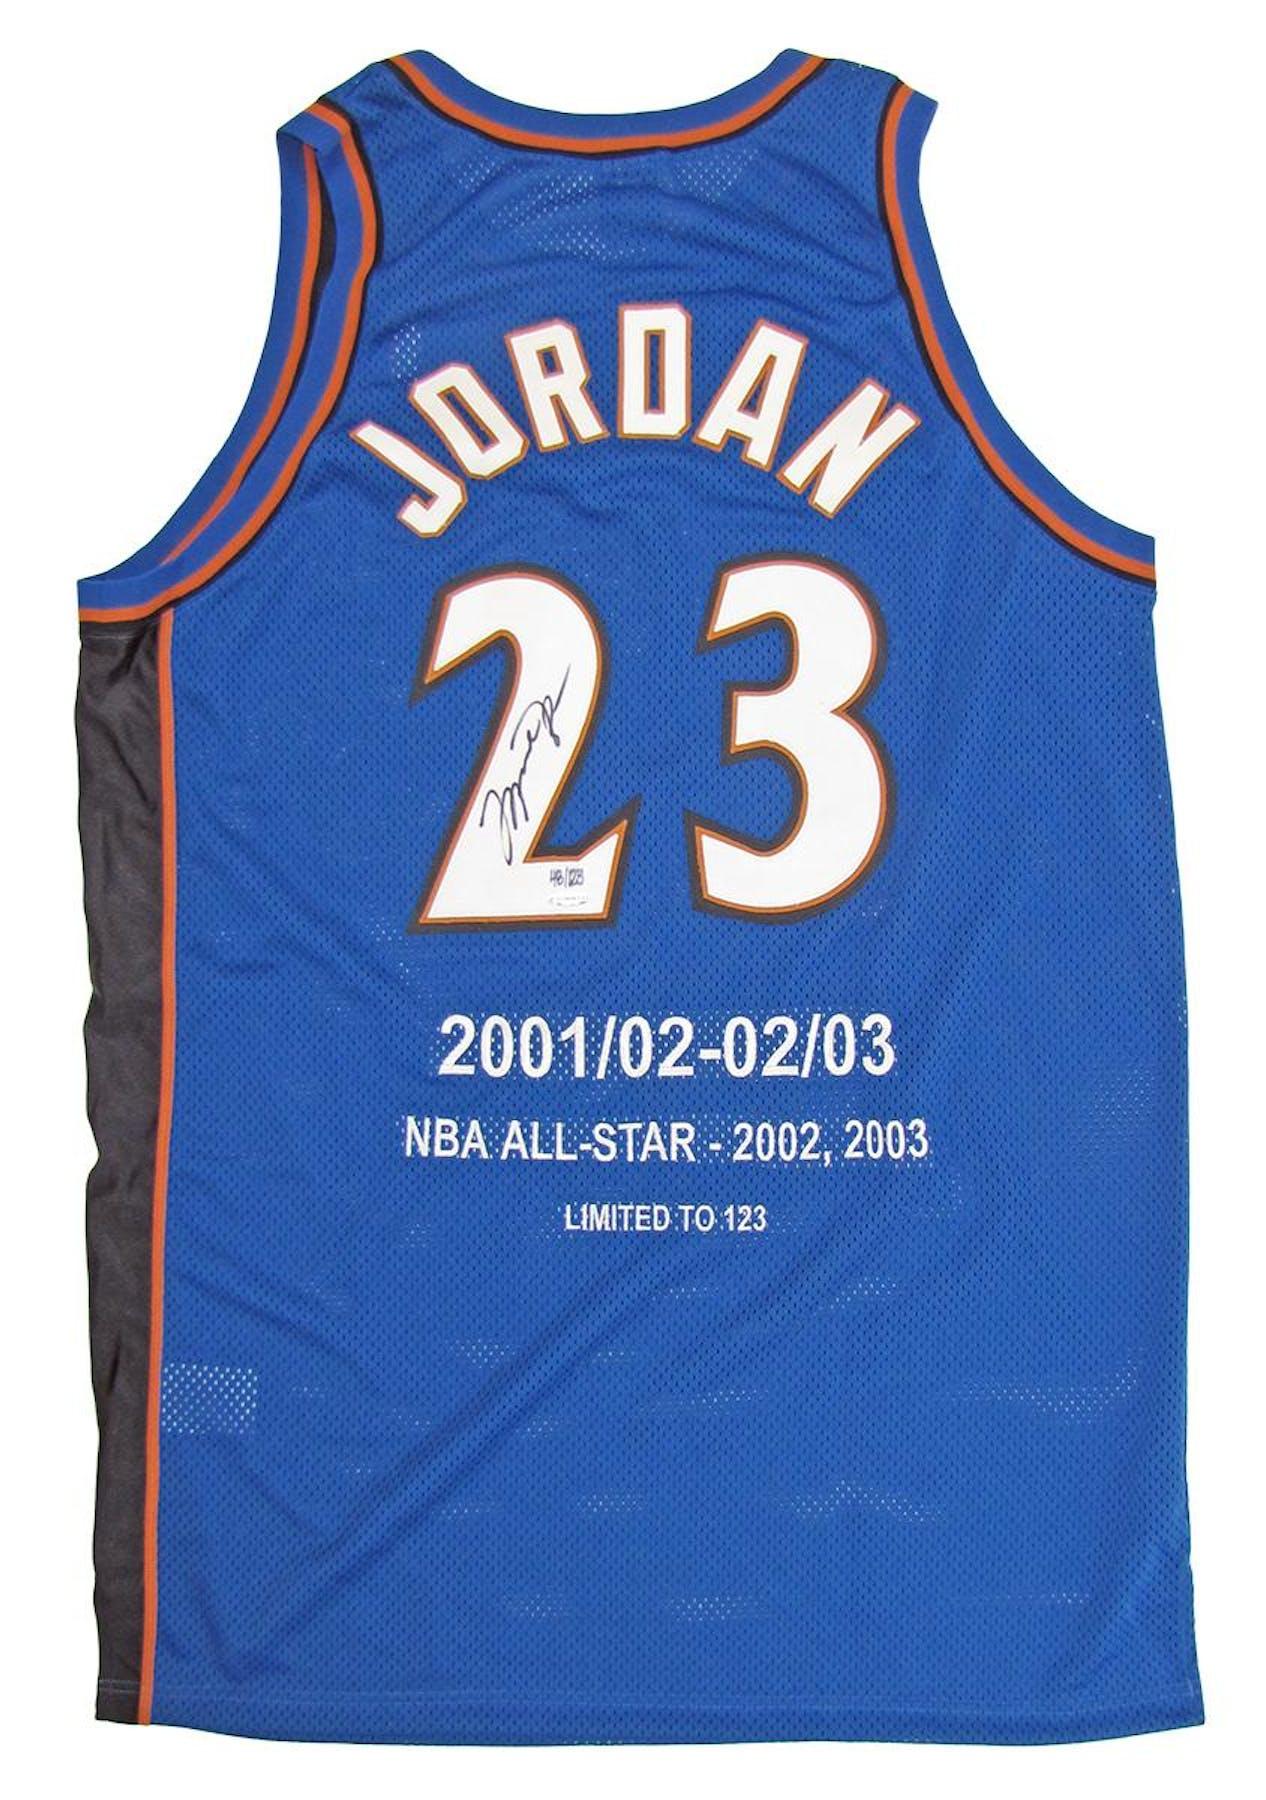 get cheap 643d8 4d59a michael jordan washington wizards jersey